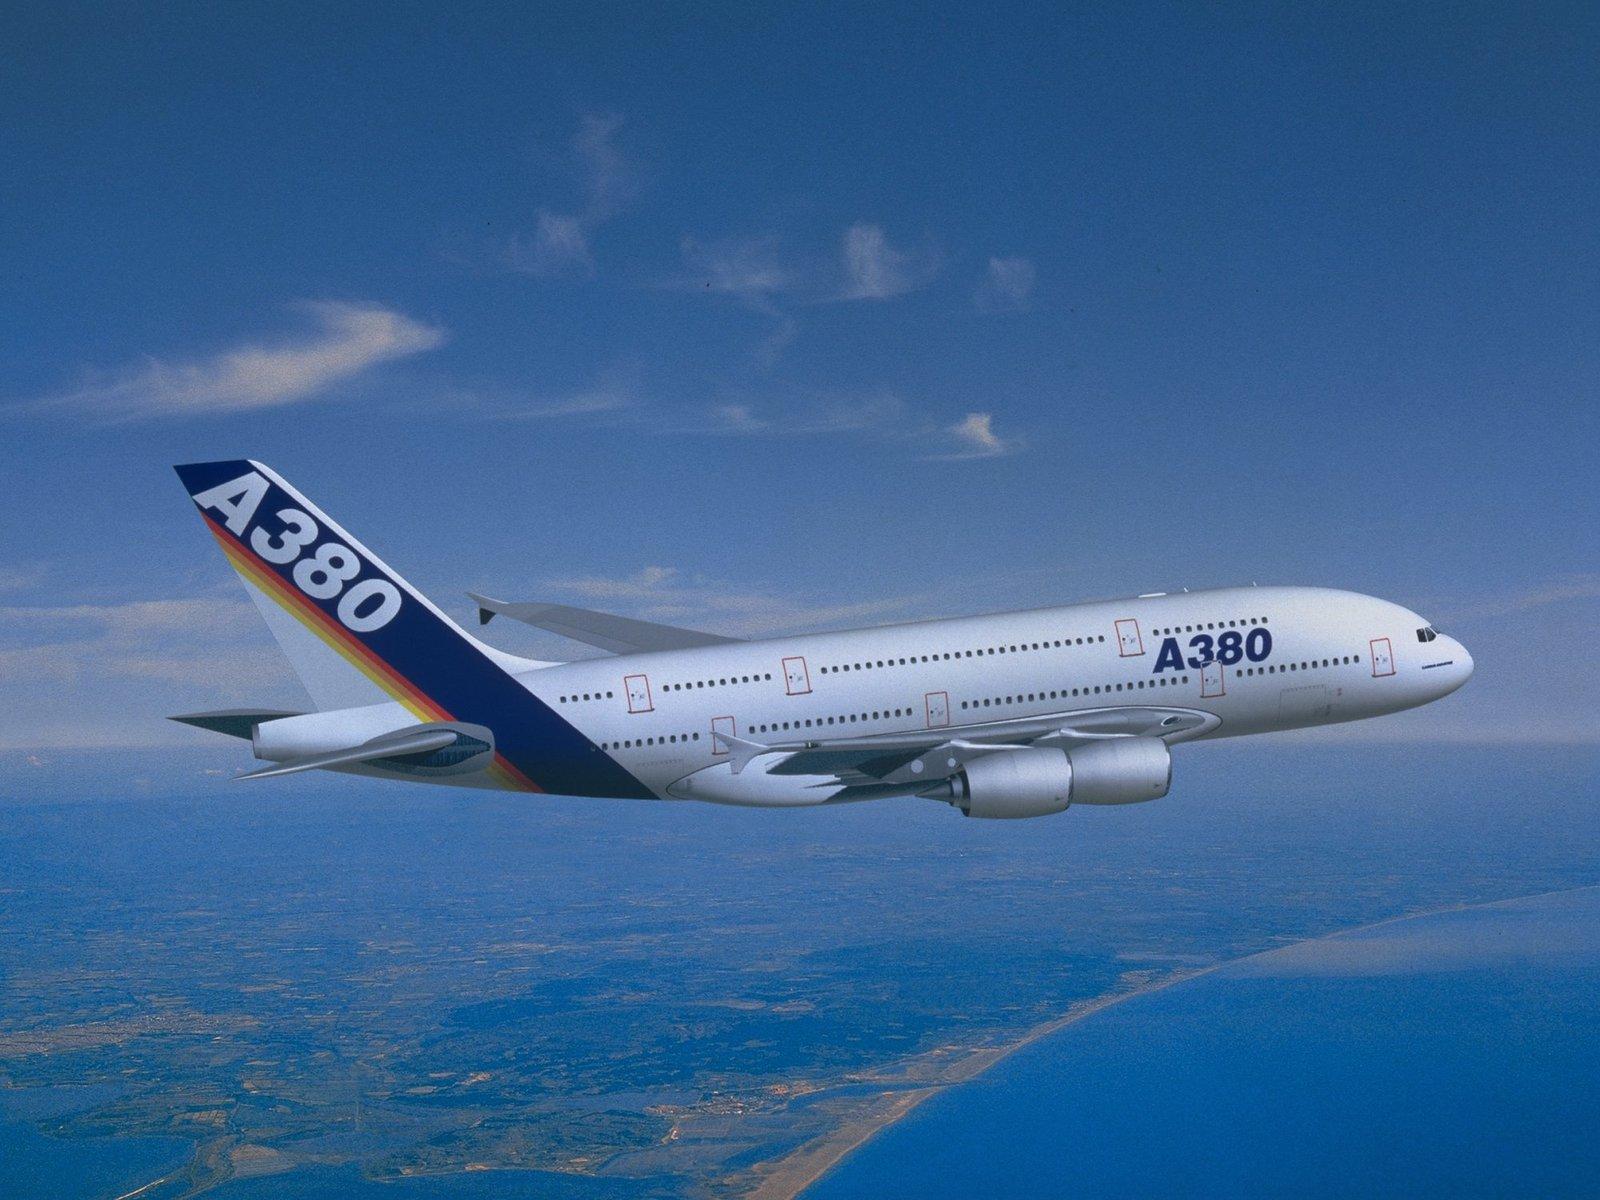 http://3.bp.blogspot.com/-IiWBq4pcswU/TfYuD4qeHqI/AAAAAAAAALk/FUF1uE1XfDc/s1600/2-airbus-A380D-1600x1200.jpg